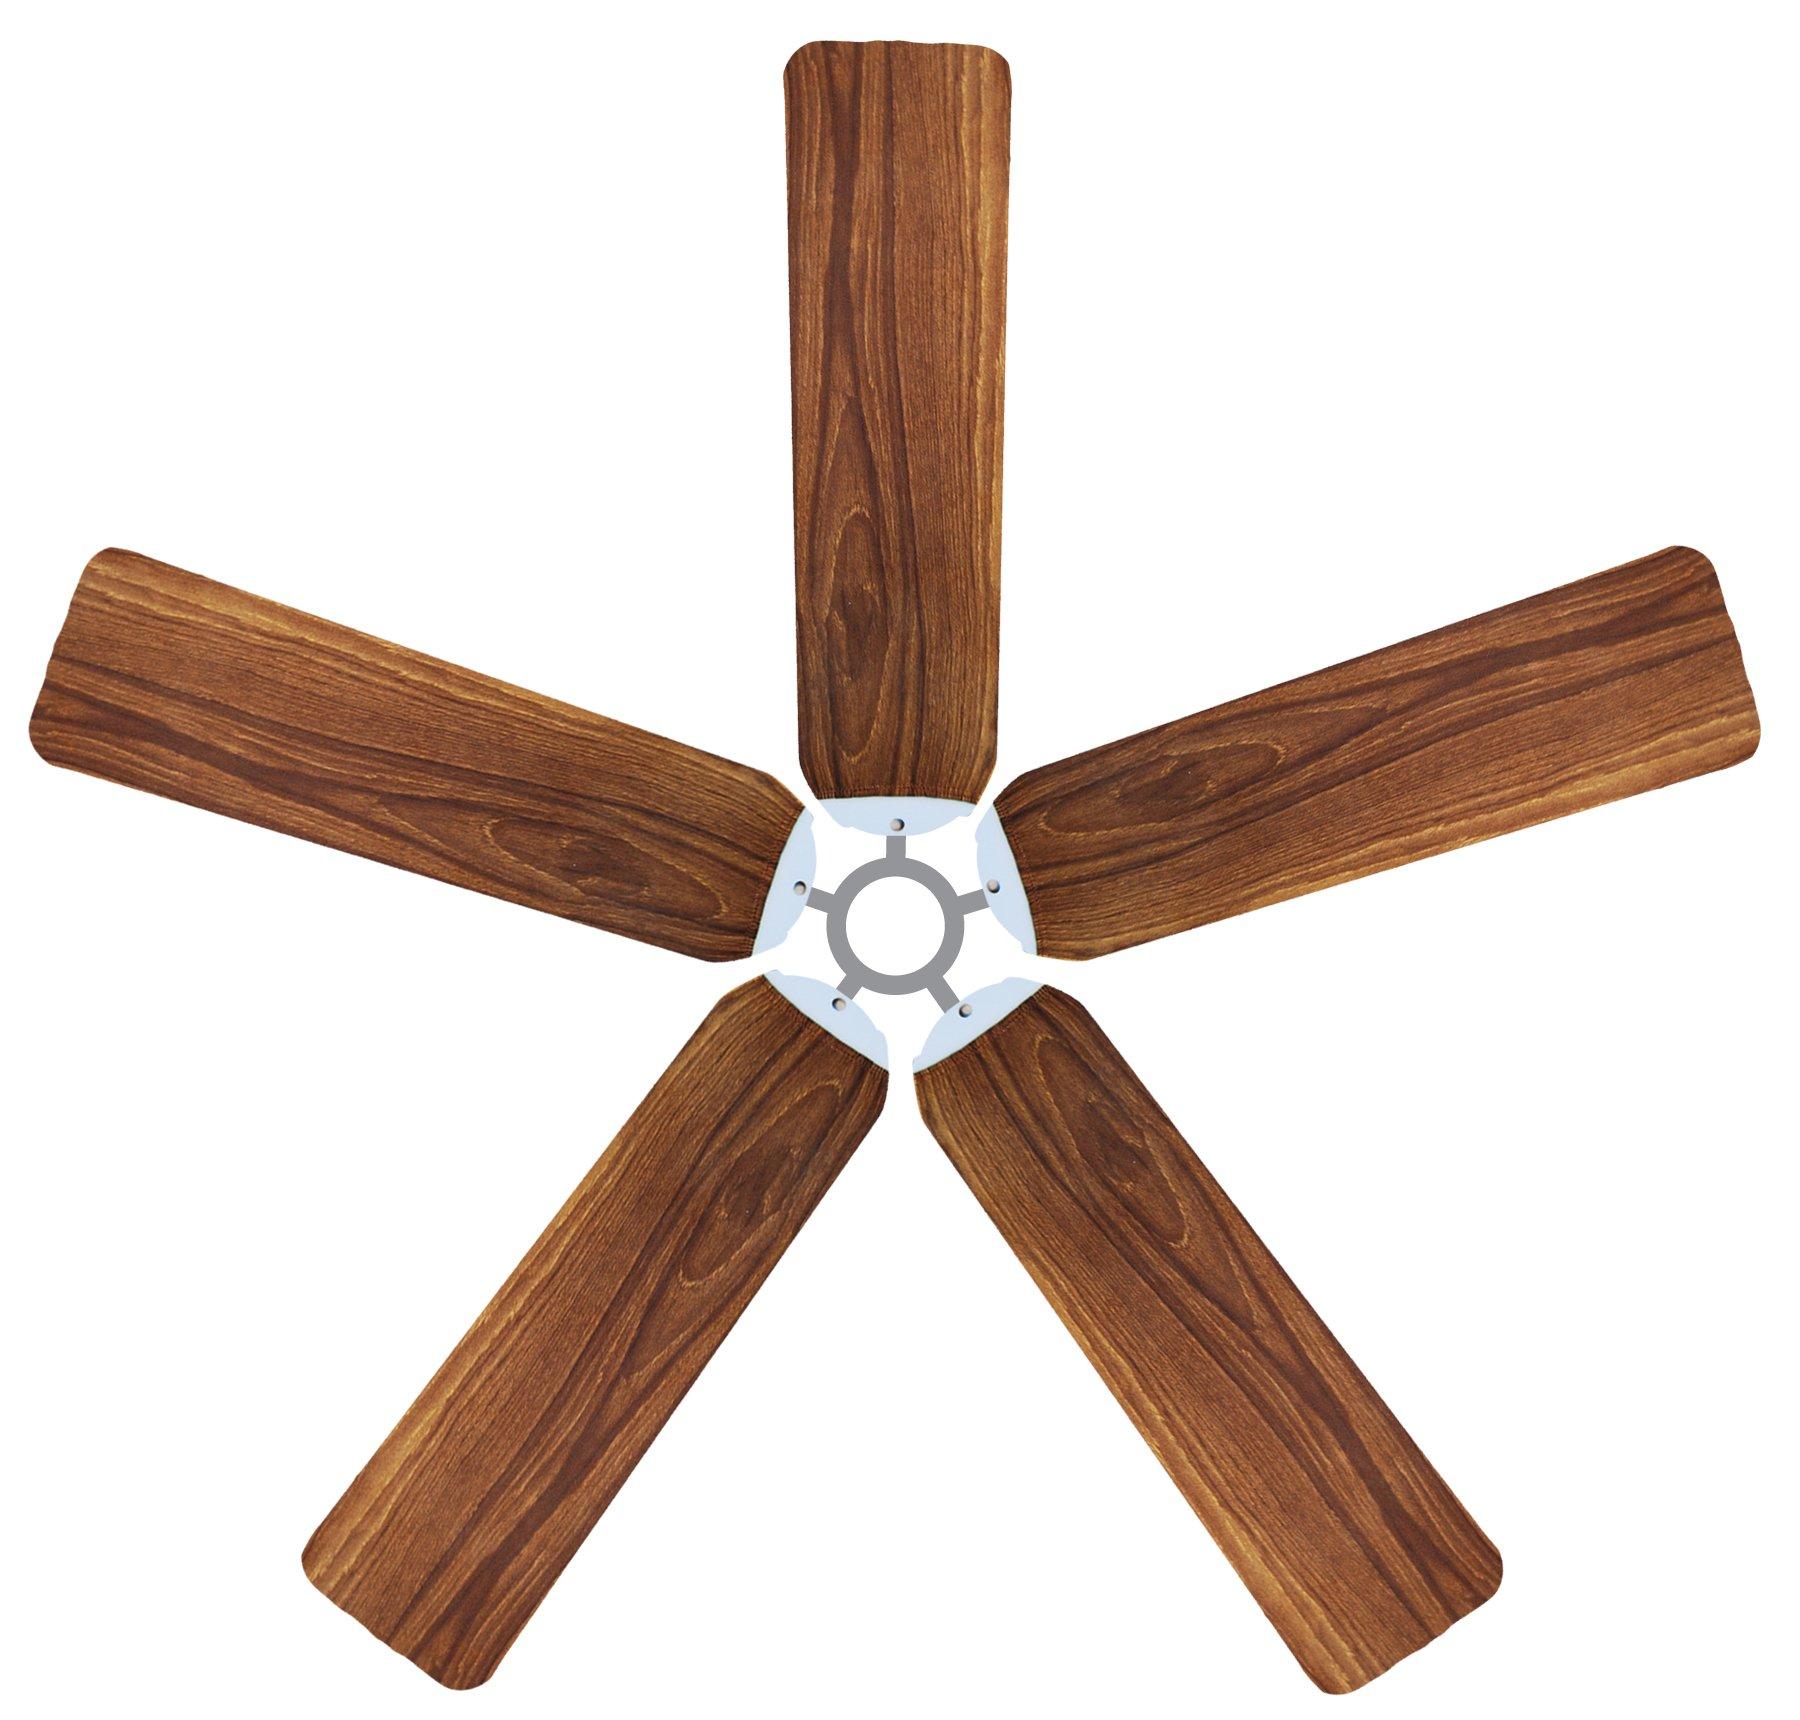 Fan Blade Designs Wood Ceiling Fan Blade Covers by Fan Blade Designs (Image #1)